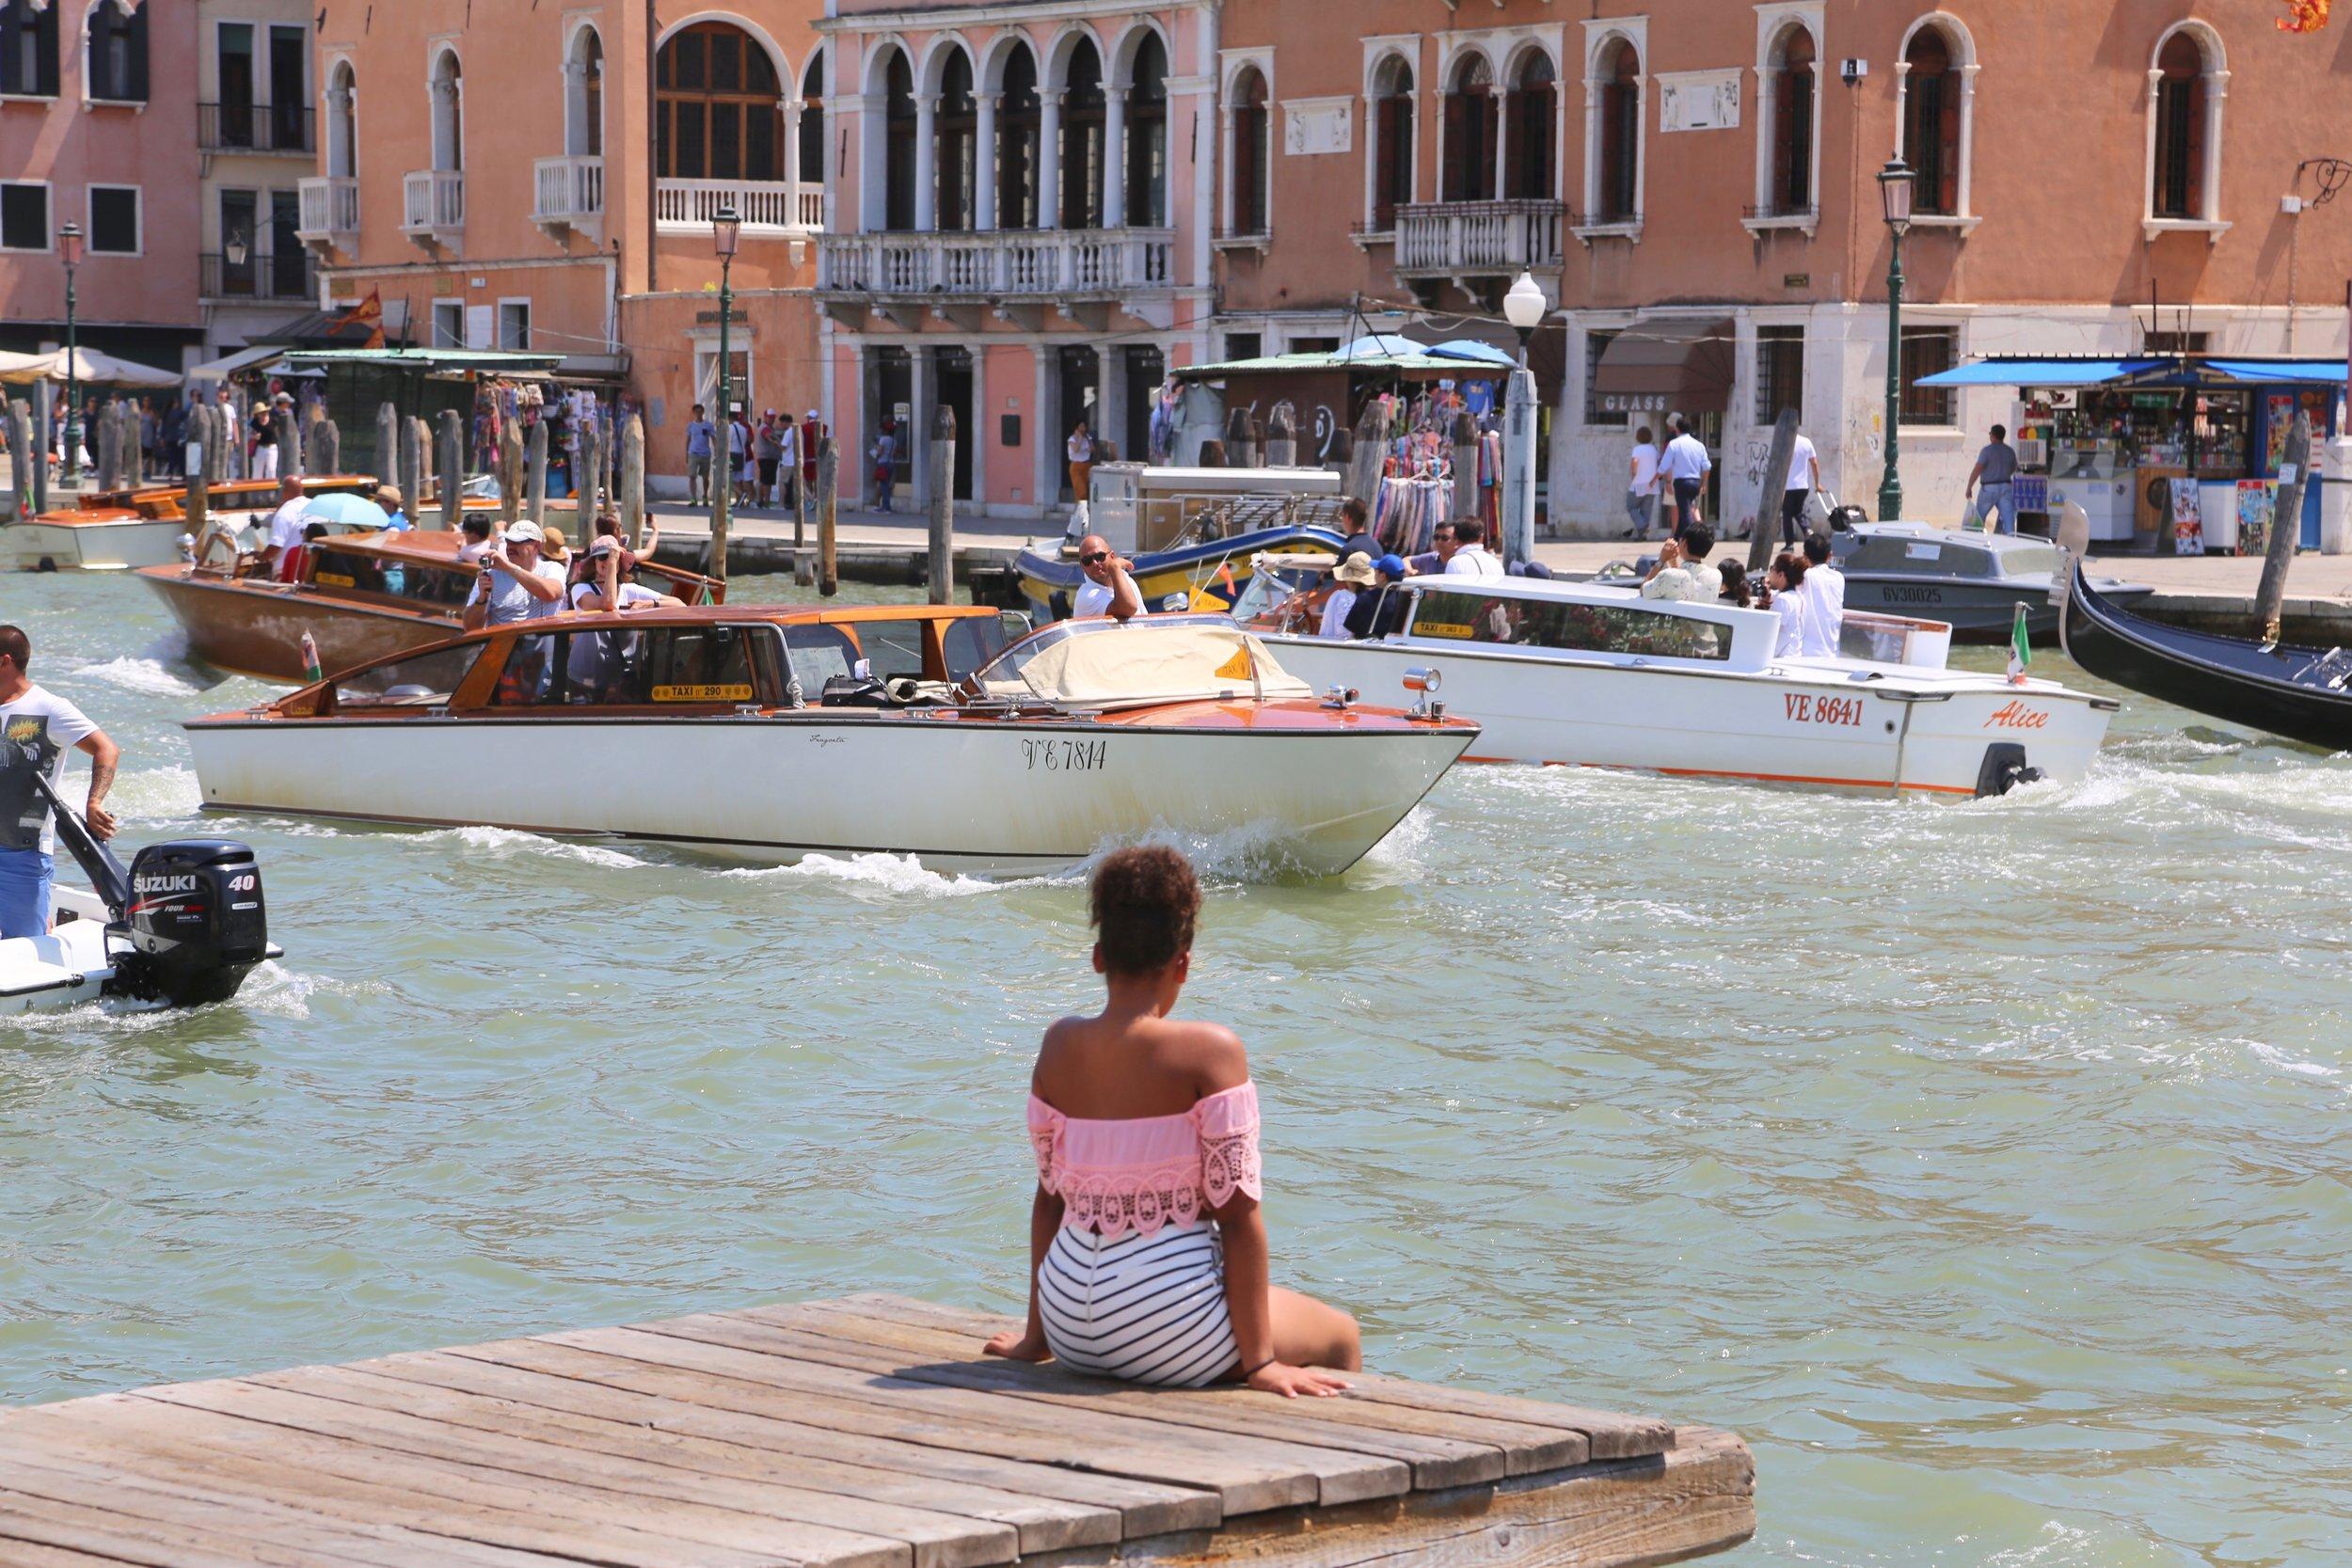 Du kan gjøre mye ved kanalene i Venezia. Men bading er ikke blant det. Foto: Odd Roar Lange